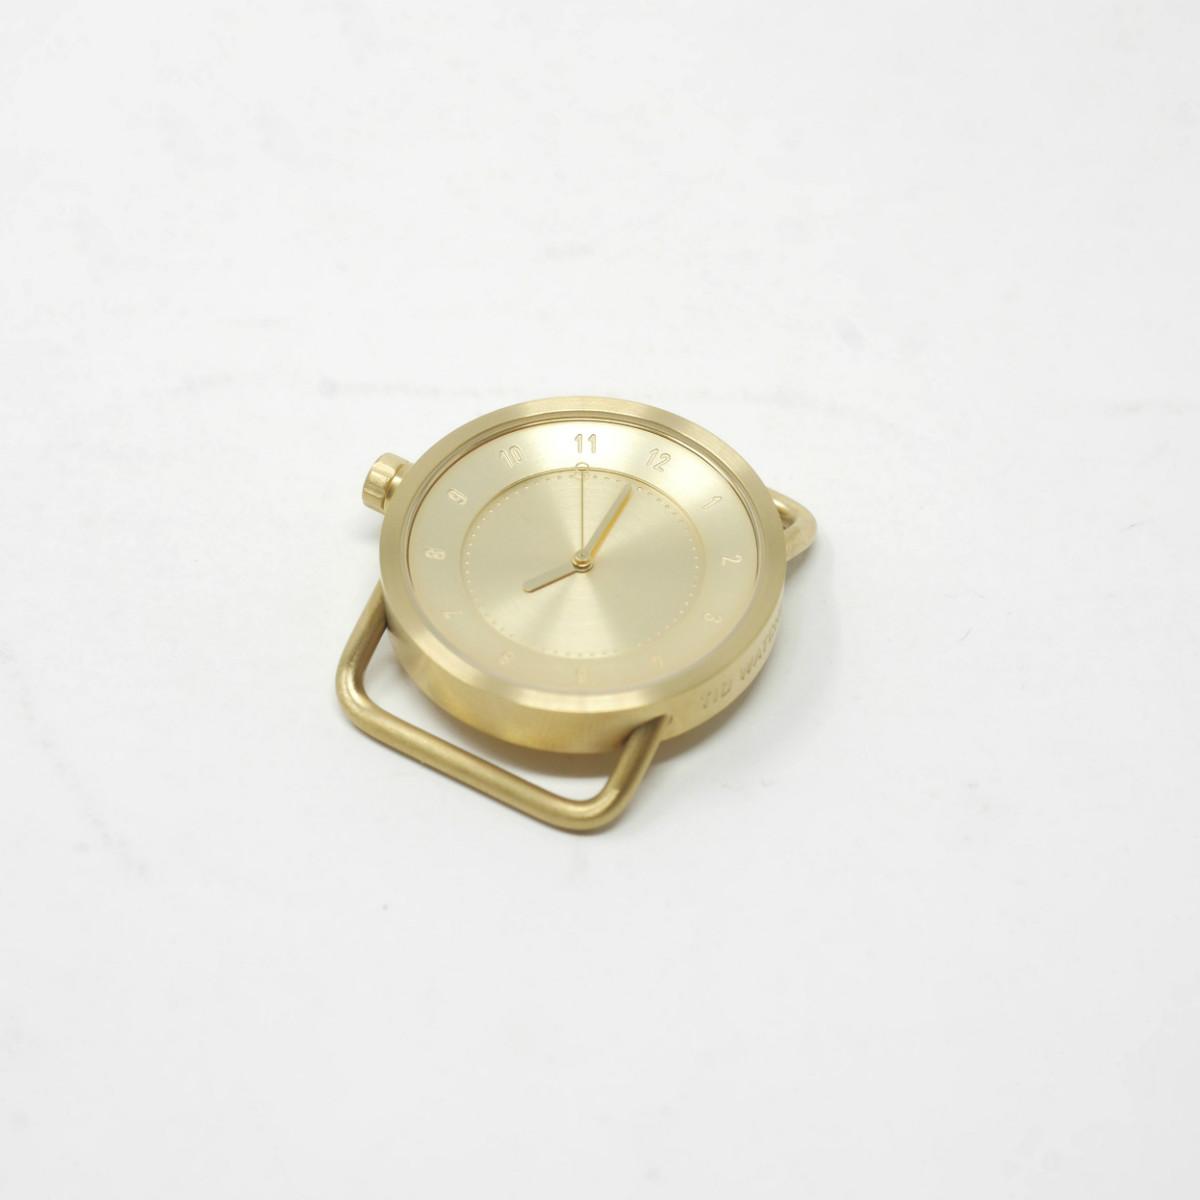 TID Watches No.1 33mm フェイス ゴールド(ティッドウォッチ)※バンド別売